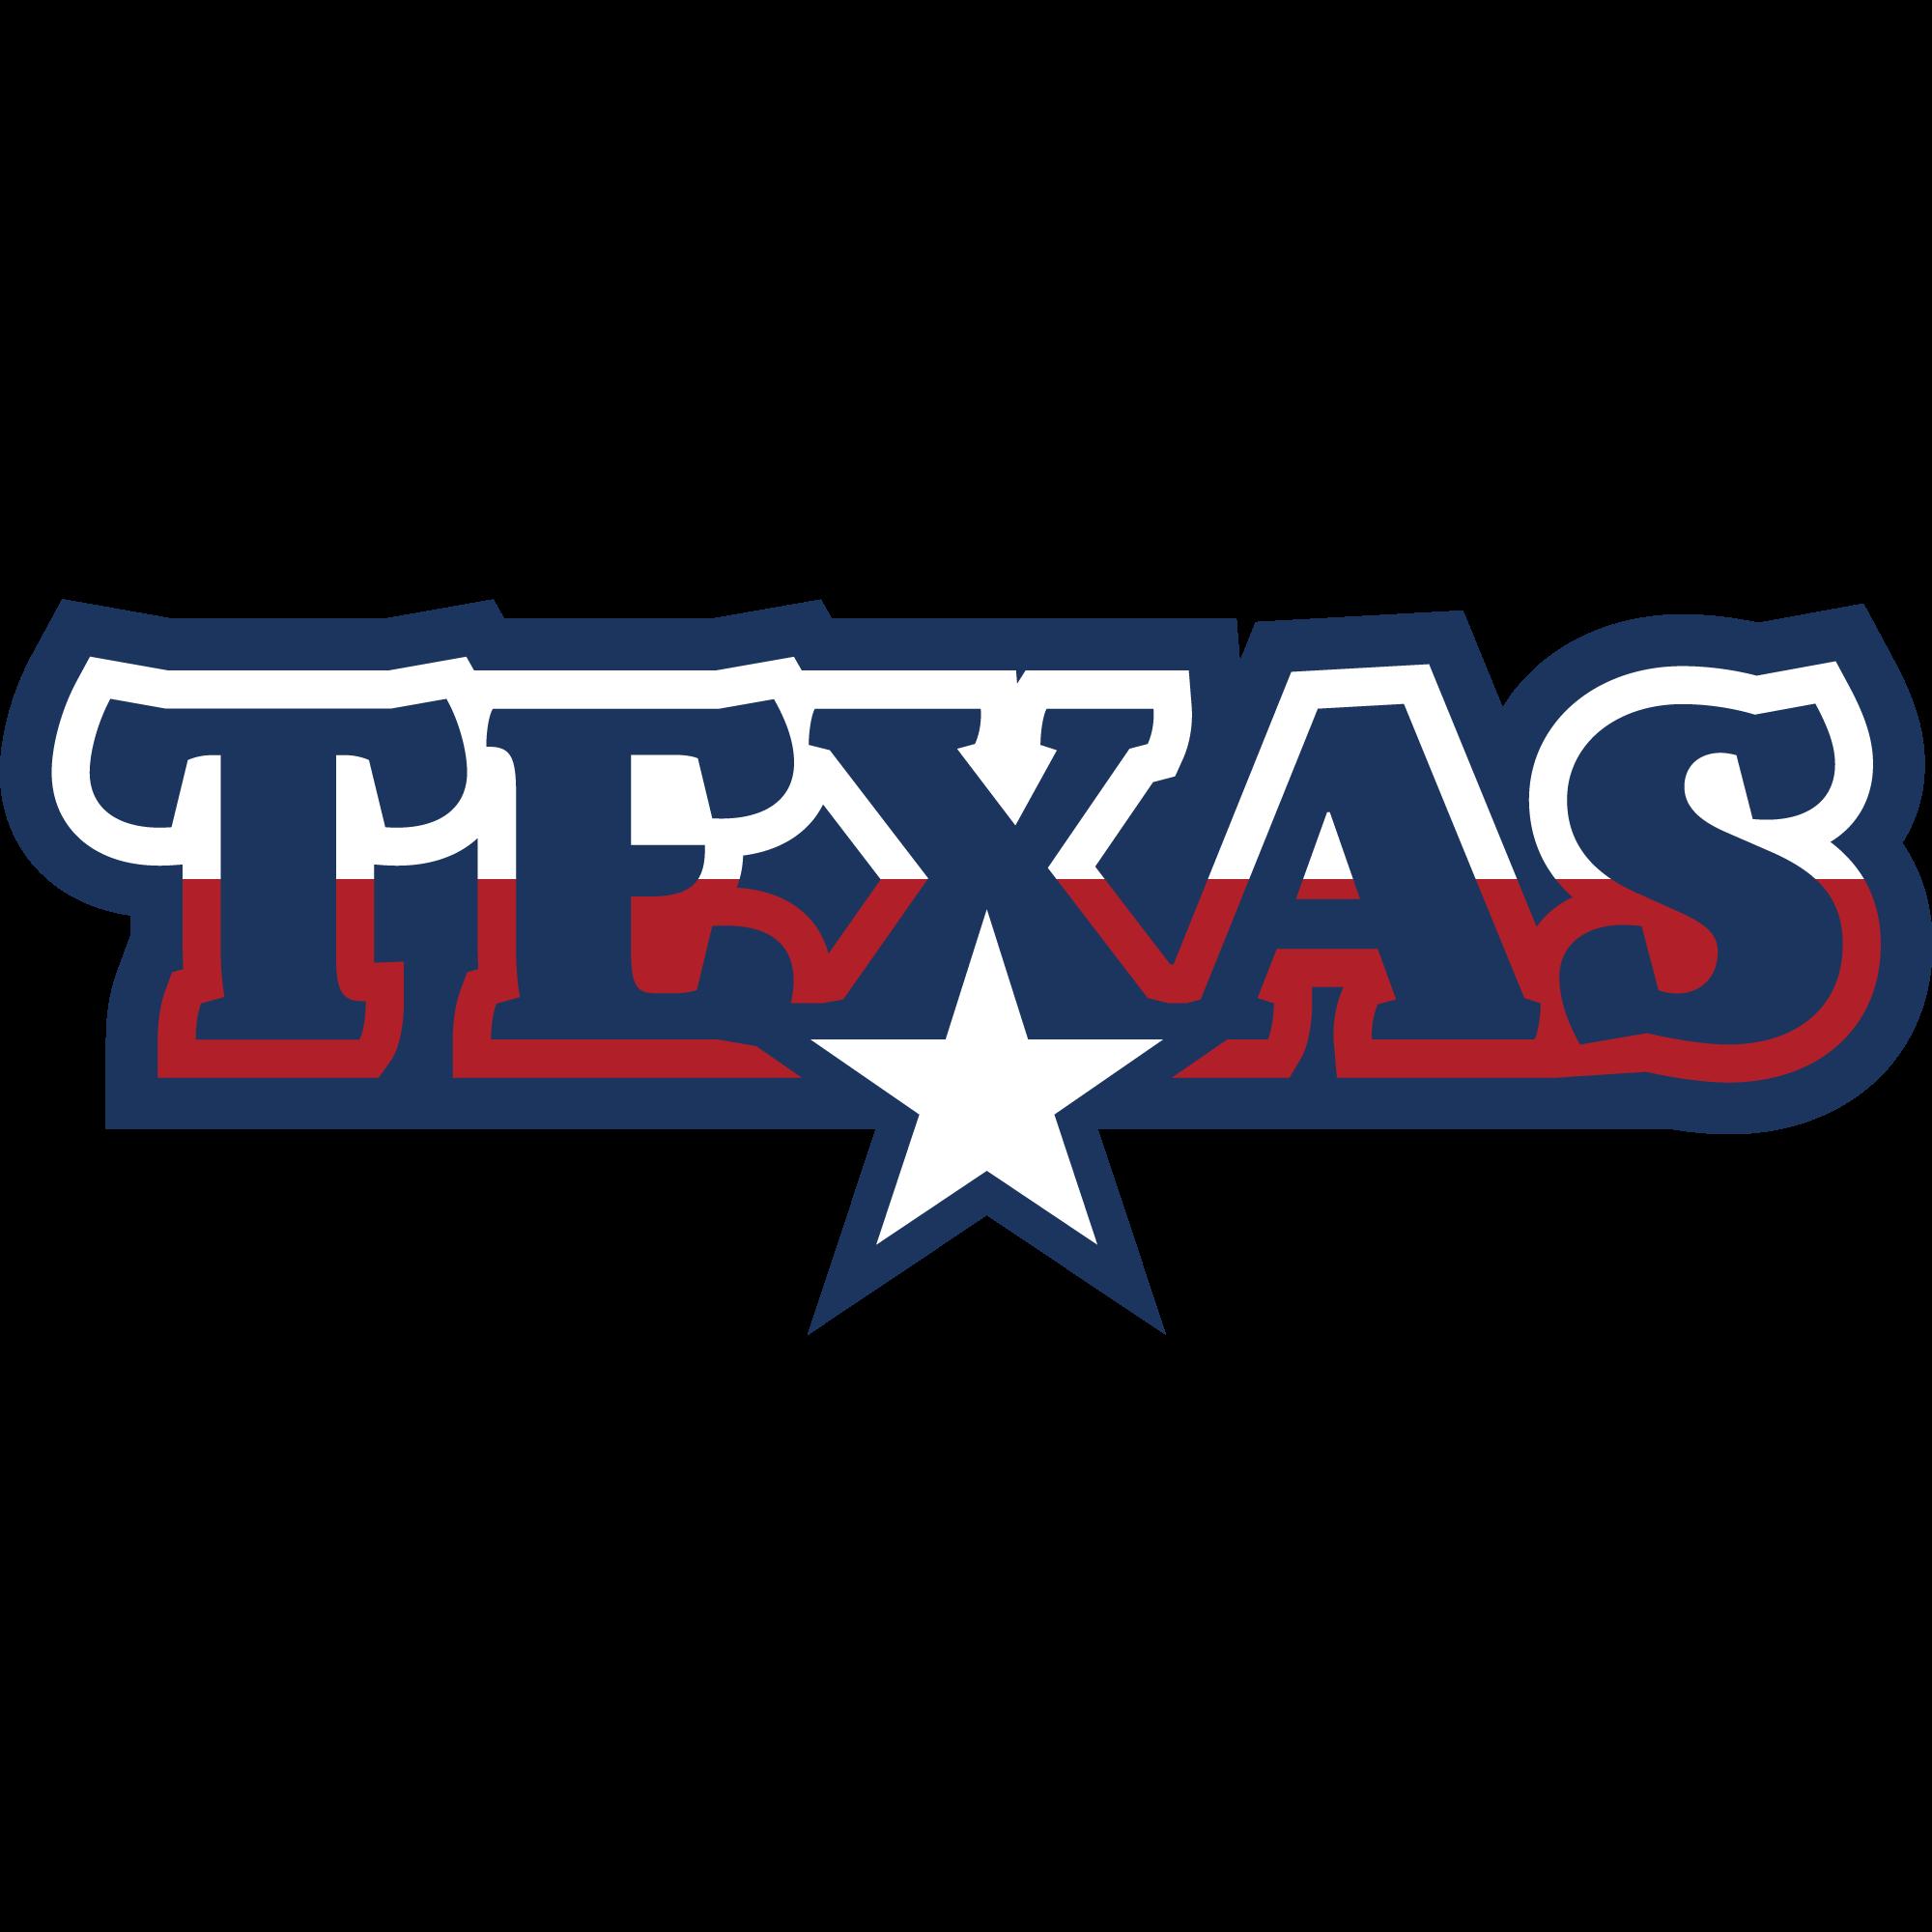 Franklin Sports Texas Logotype